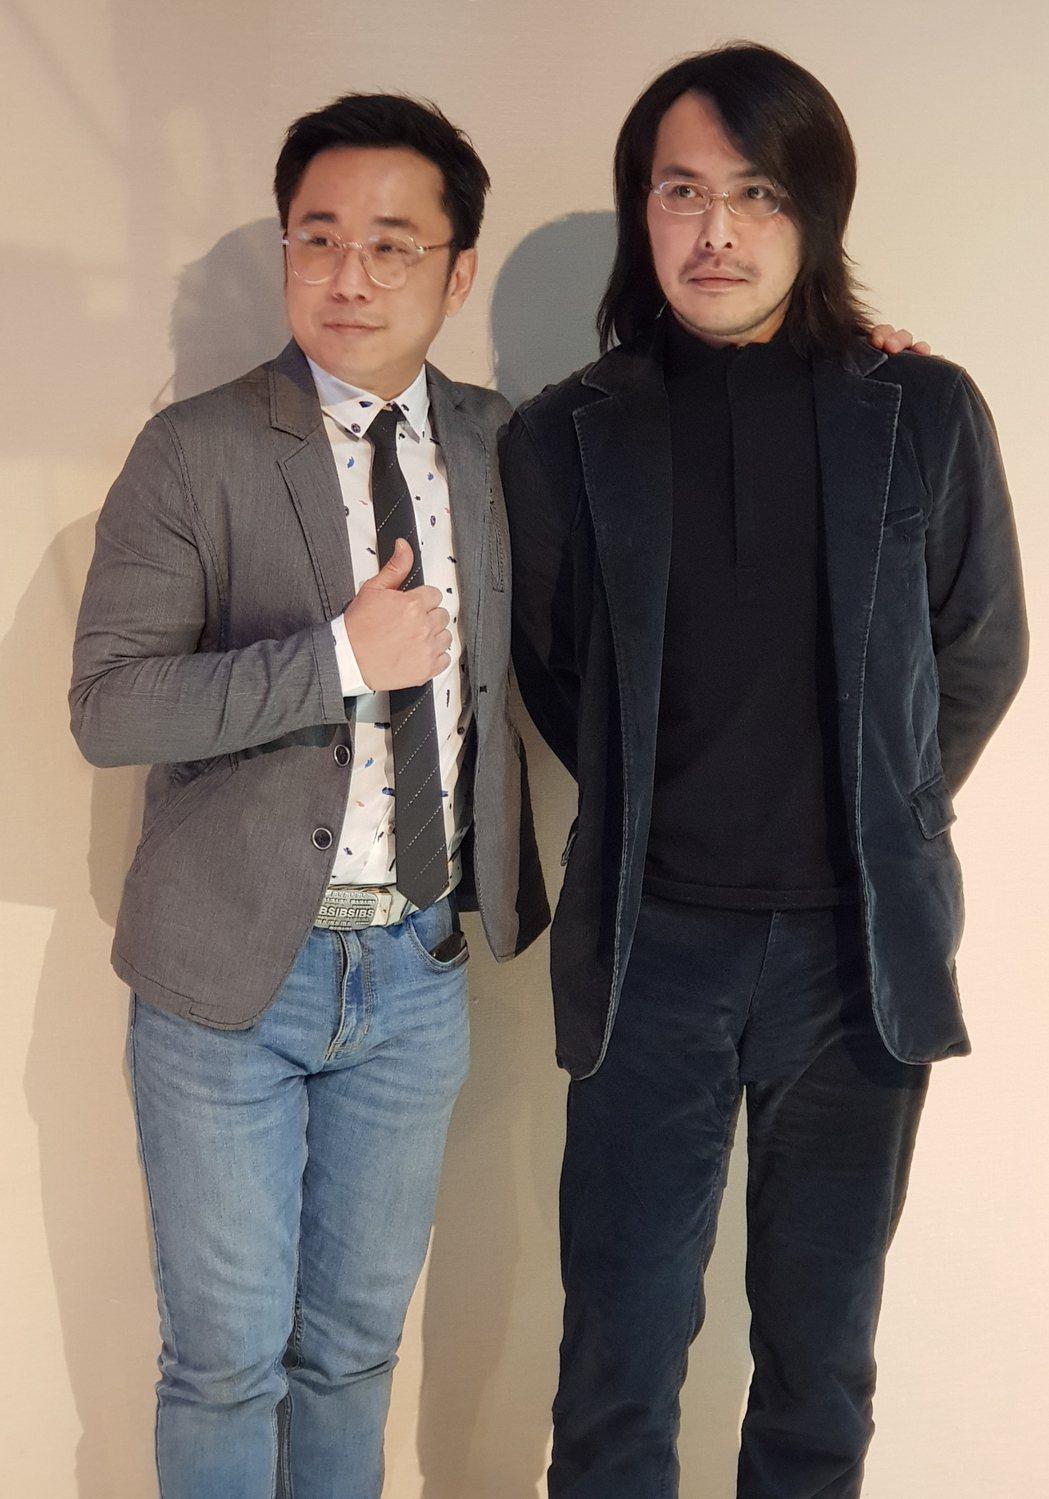 范植偉(右)與小彬彬是高中同學。記者杜沛學/攝影